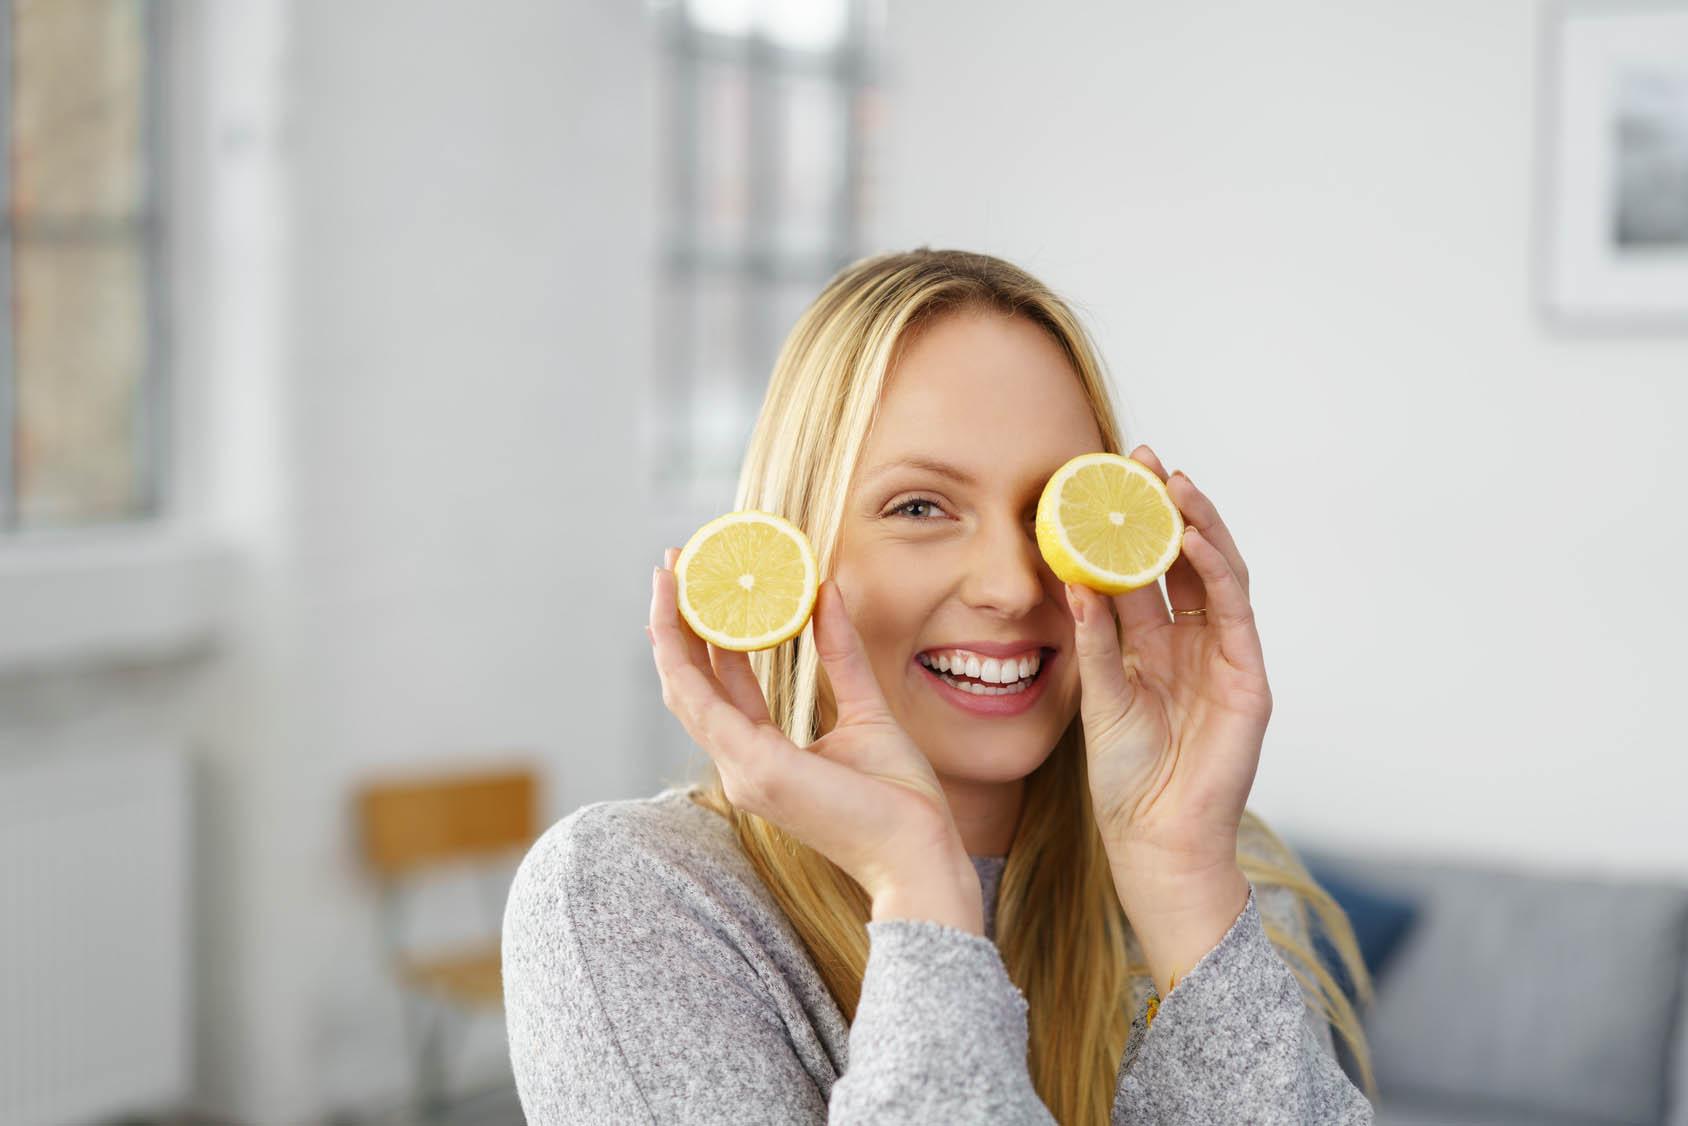 Come schiarire i capelli naturalmente con il limone - Ricette facili e veloci - About Beauty